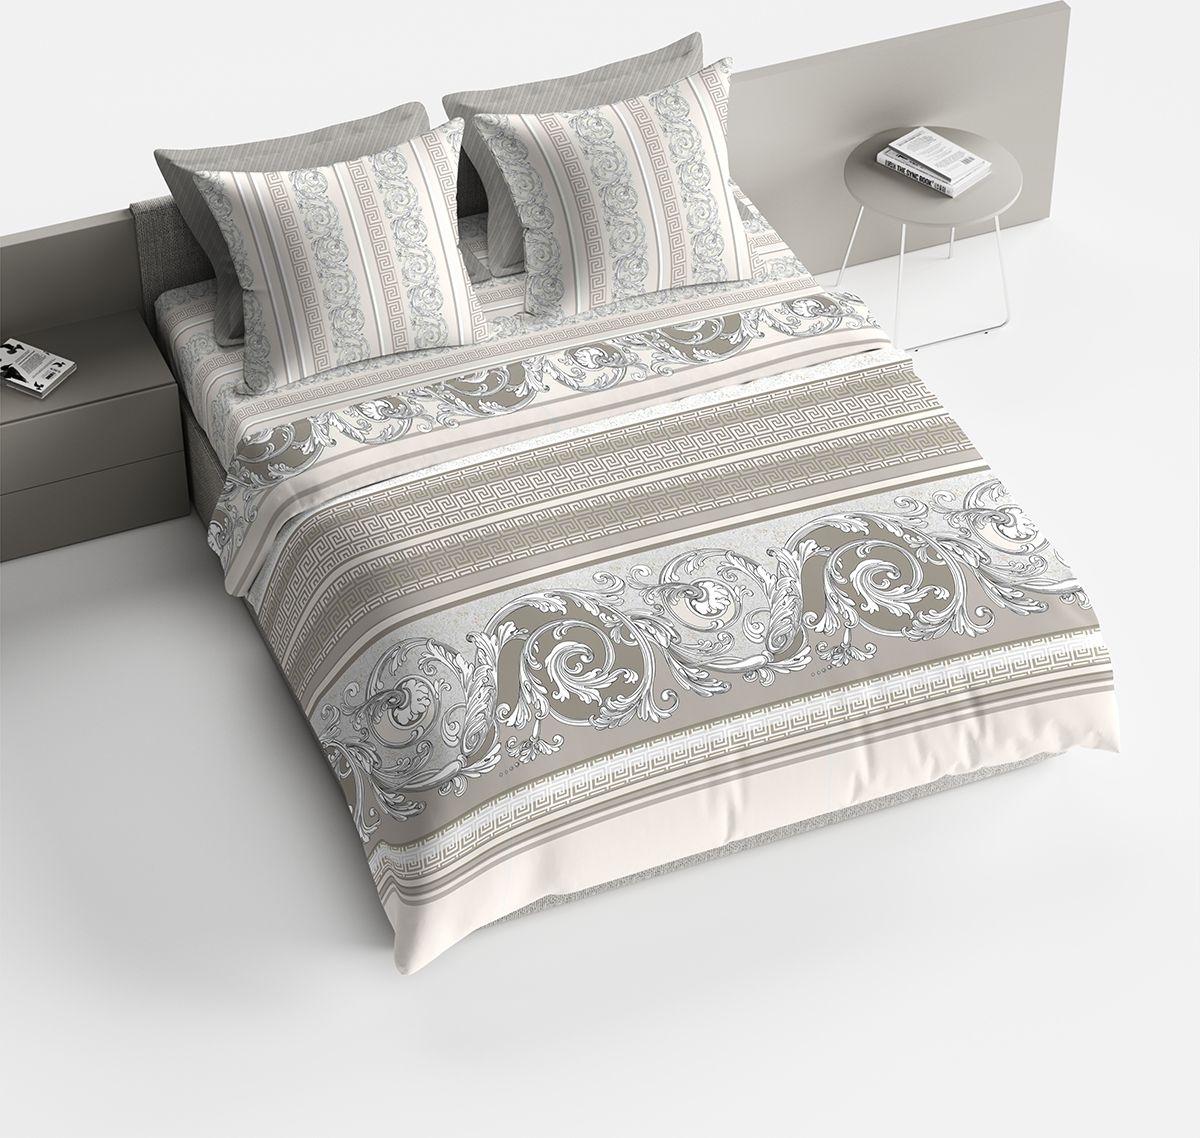 Комплект белья Bravo Барокко, 1,5-спальный, наволочки 70x70, цвет: серый87873Постельное белье Bravo изготавливается из ткани Lux Cotton (высококачественный импортный поплин), сотканной из длинноволокнистого египетского хлопка, создано специально для людей с оригинальным вкусом, предпочитающим современные решения в интерьере. В процессе производства применяются только стойкие и экологически чистые красители, поэтому это белье можно использовать и для детей. Обновленная стильная упаковка делает этот комплект отличным подарком. - Равноплотная ткань из 100% хлопка; - Обработана по технологии мерсеризации и санфоризации; - Мягкая и нежная на ощупь; - Устойчива к трению; - Обладает высокими показателями гигроскопичности (впитывает влагу); Выдерживает частые стирки, сохраняя первоначальные цвет, форму и размеры.Советы по выбору постельного белья от блогера Ирины Соковых. Статья OZON Гид